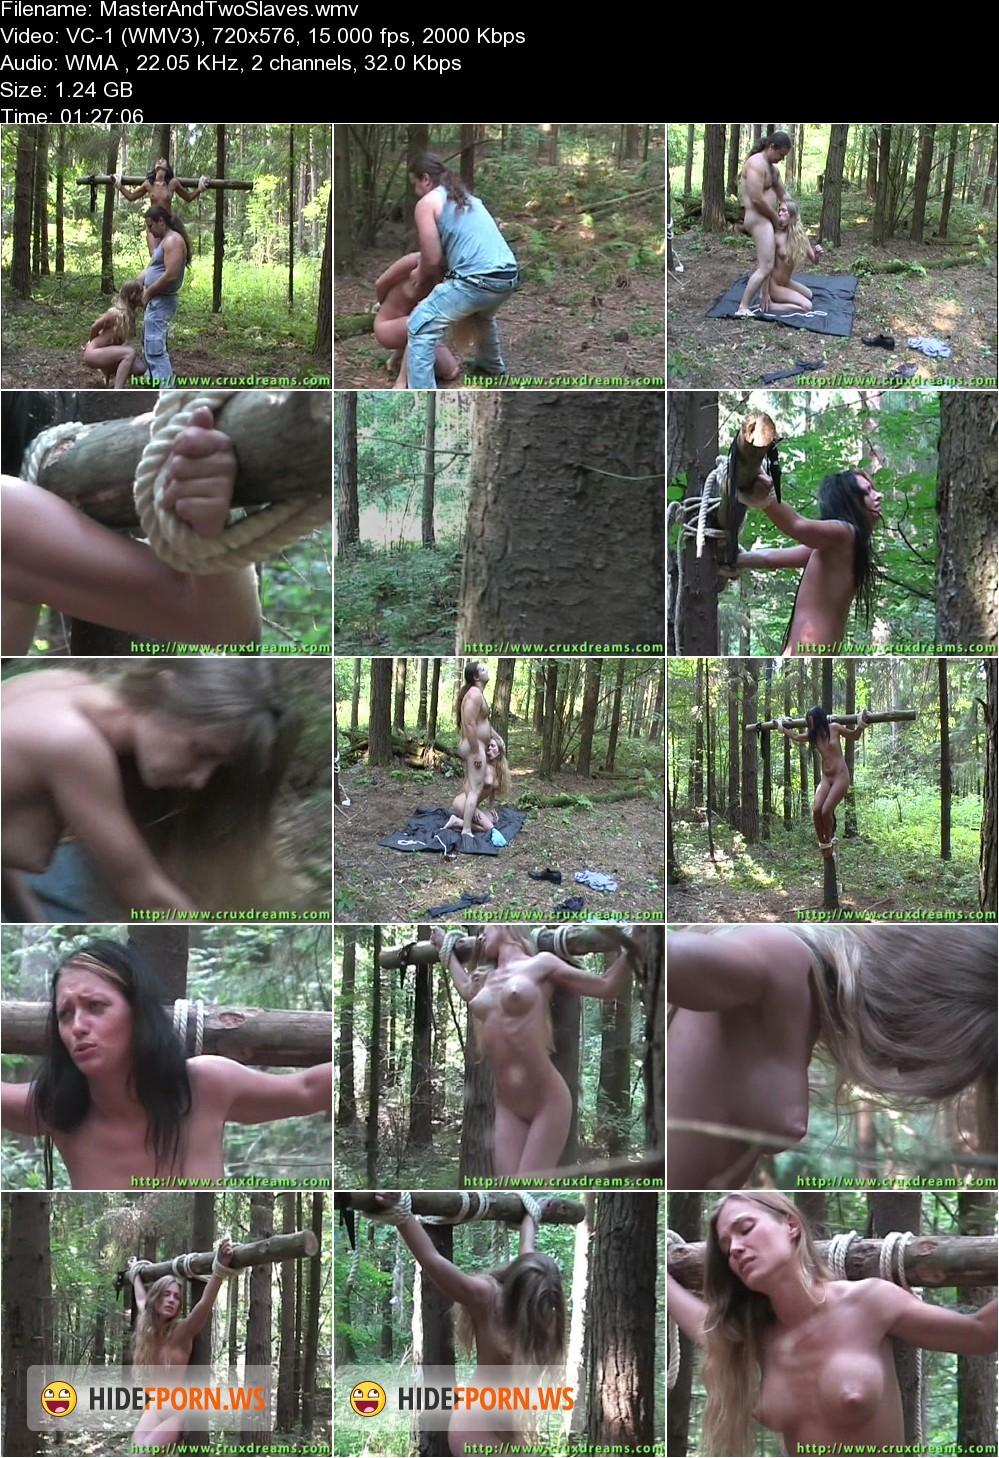 Поррно в лесу онлайн 24 фотография